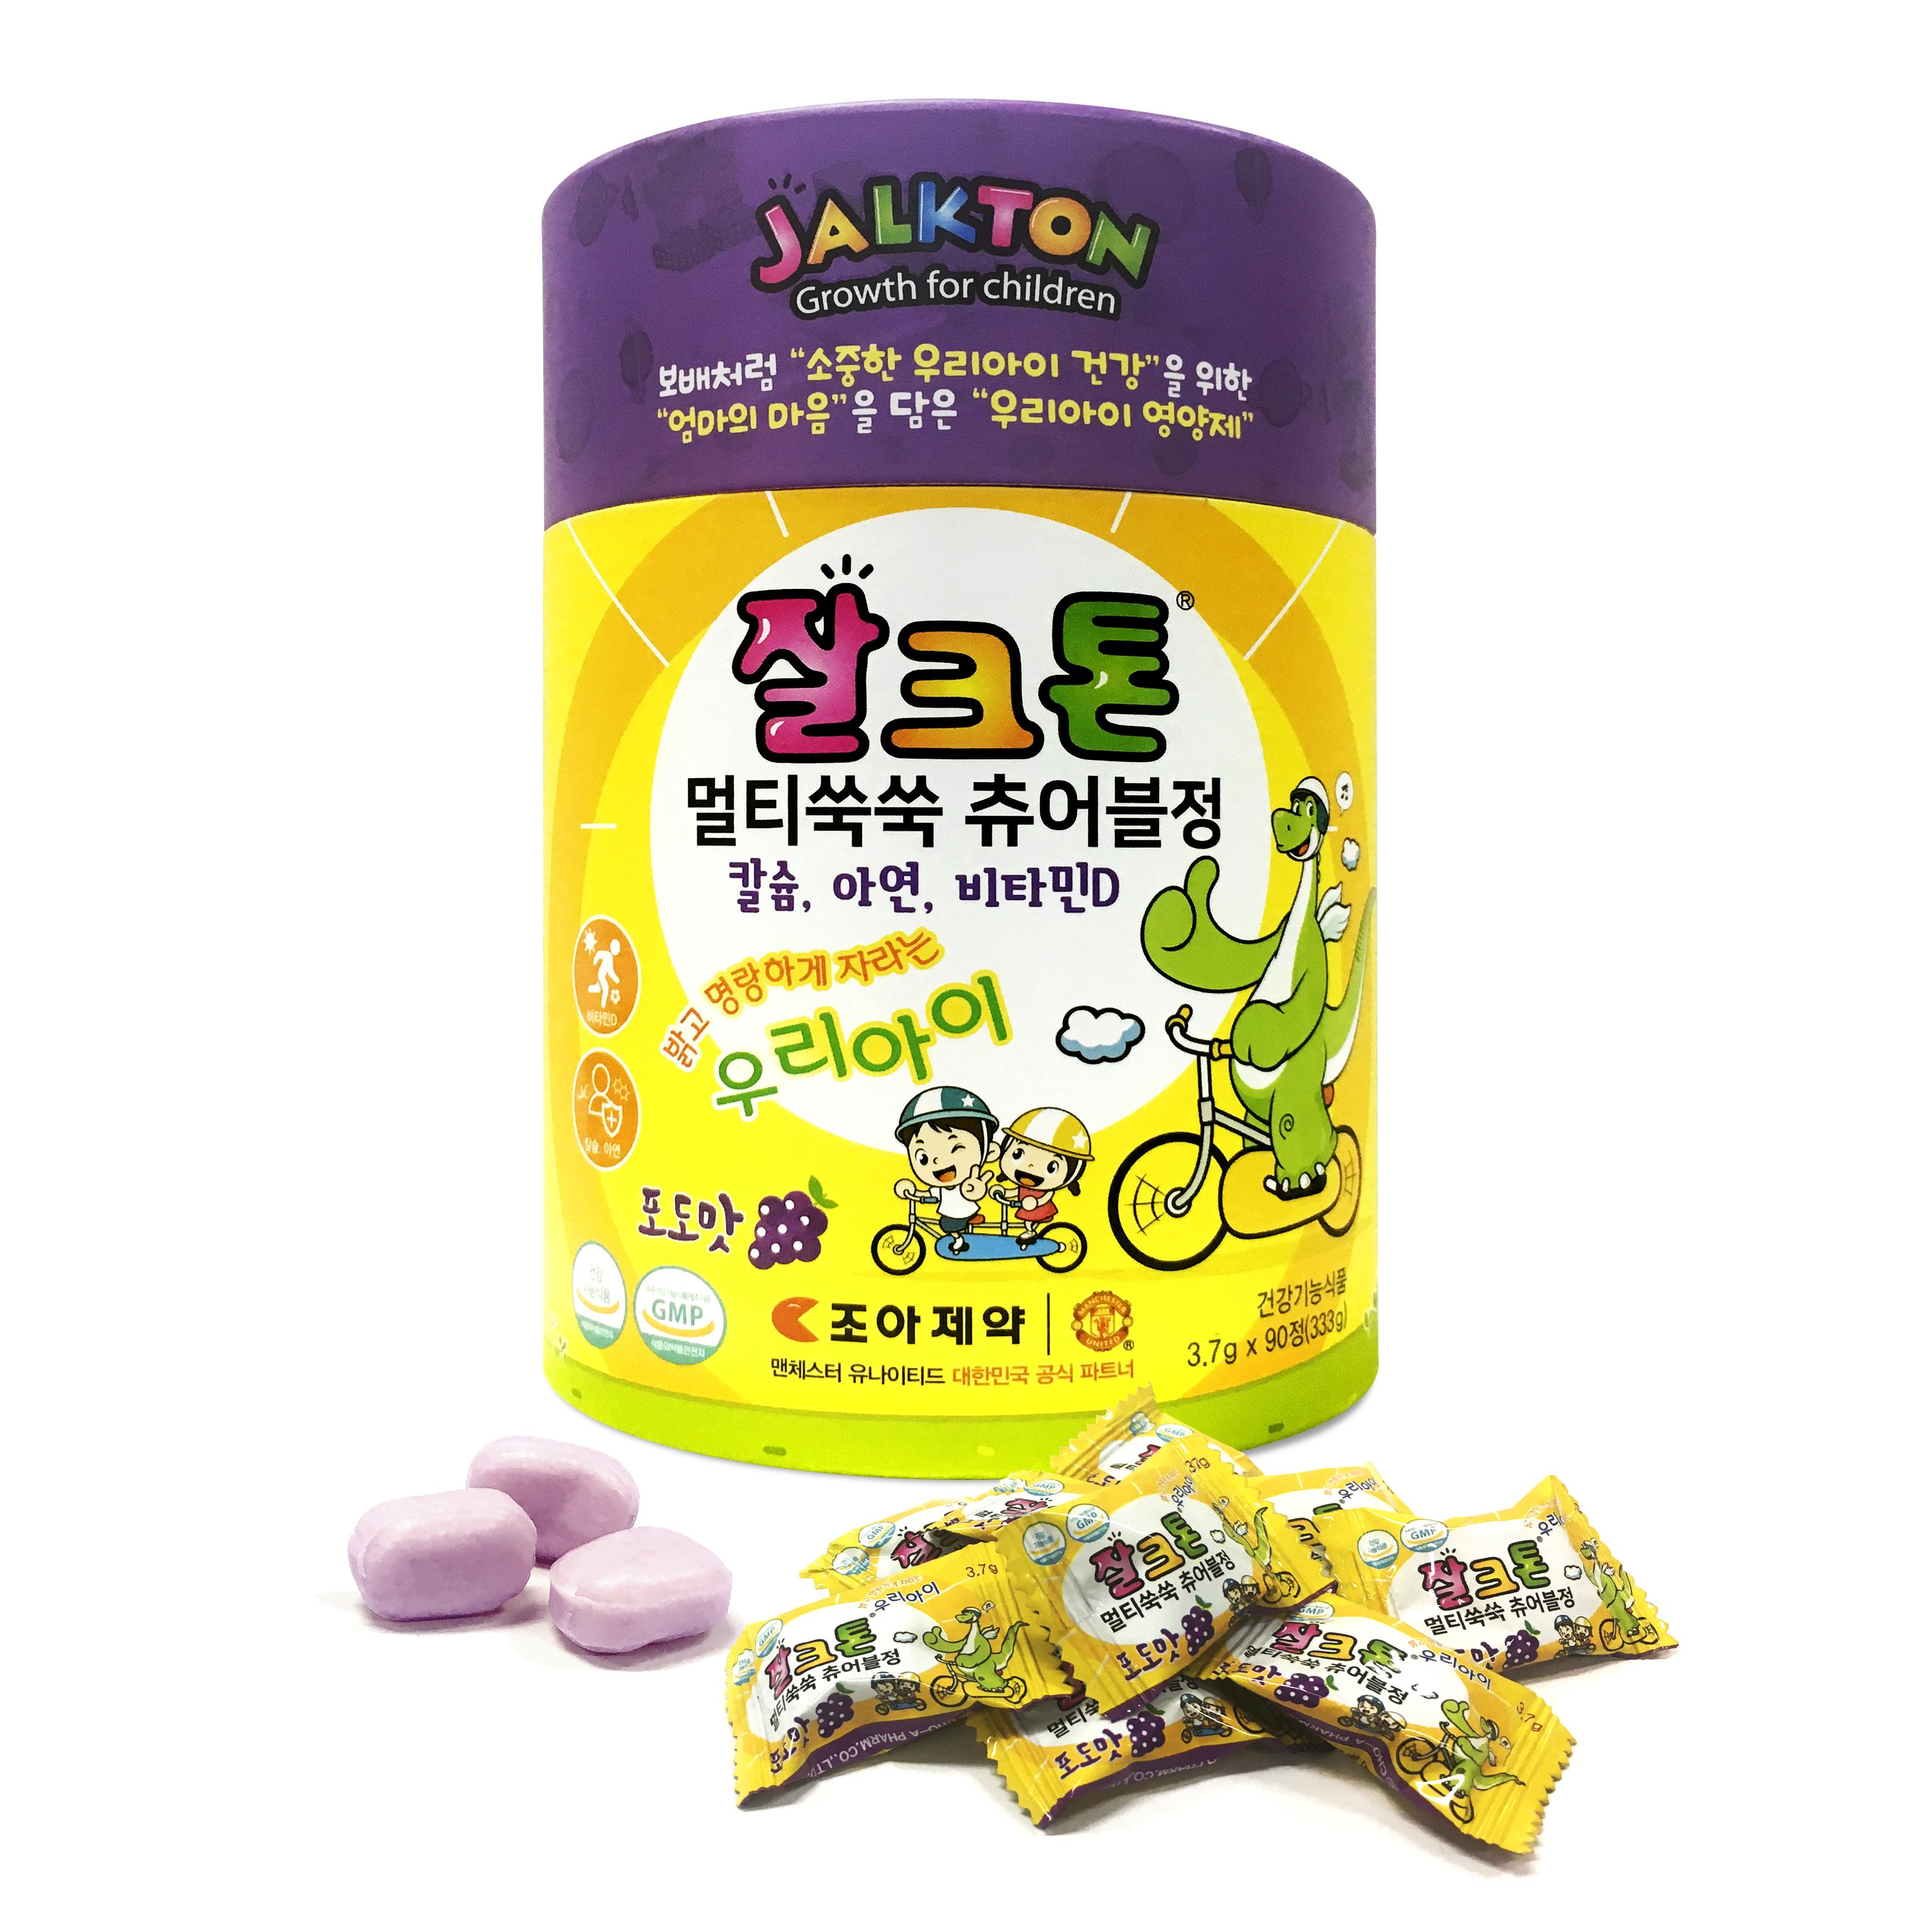 잘크톤 멀티쑥쑥 츄어블정 유아비타민 포도맛, 90정, 1개